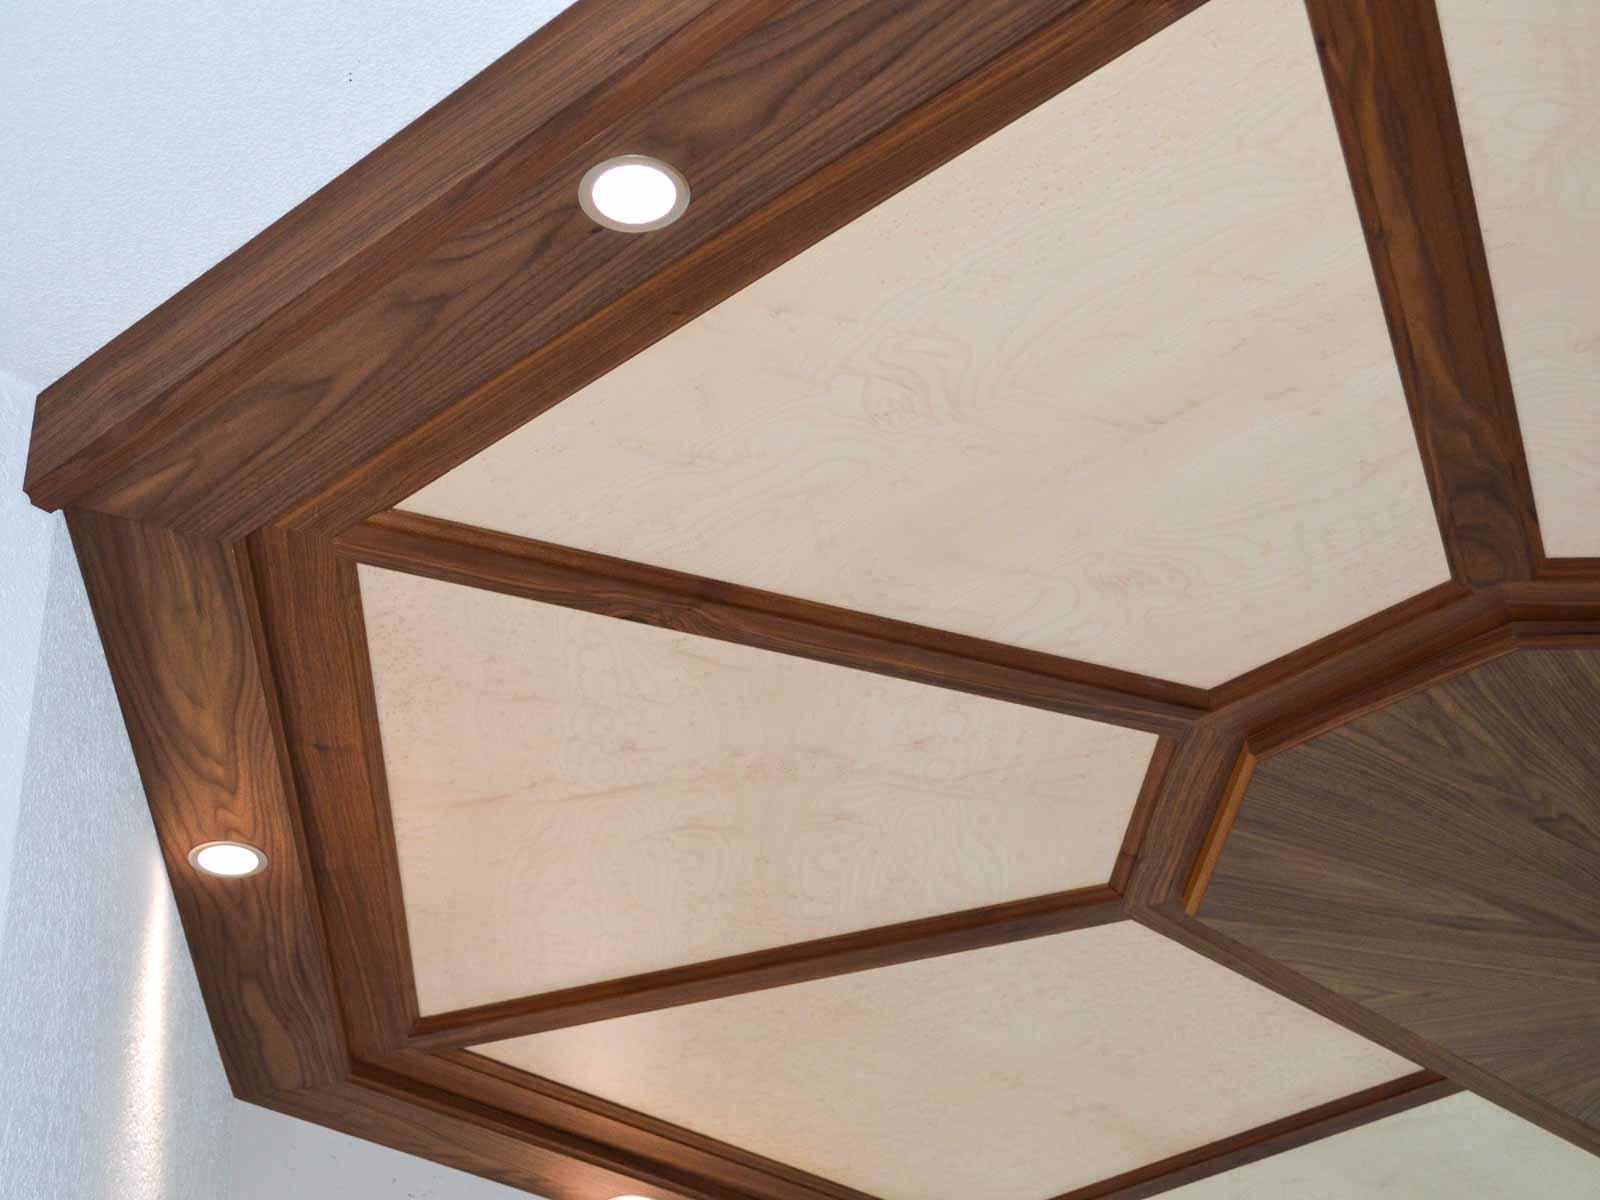 Wooddesign_Holzdesign_Decke_Massivholdecke_Holzfüllungen-LED-Beleuchtung (4)